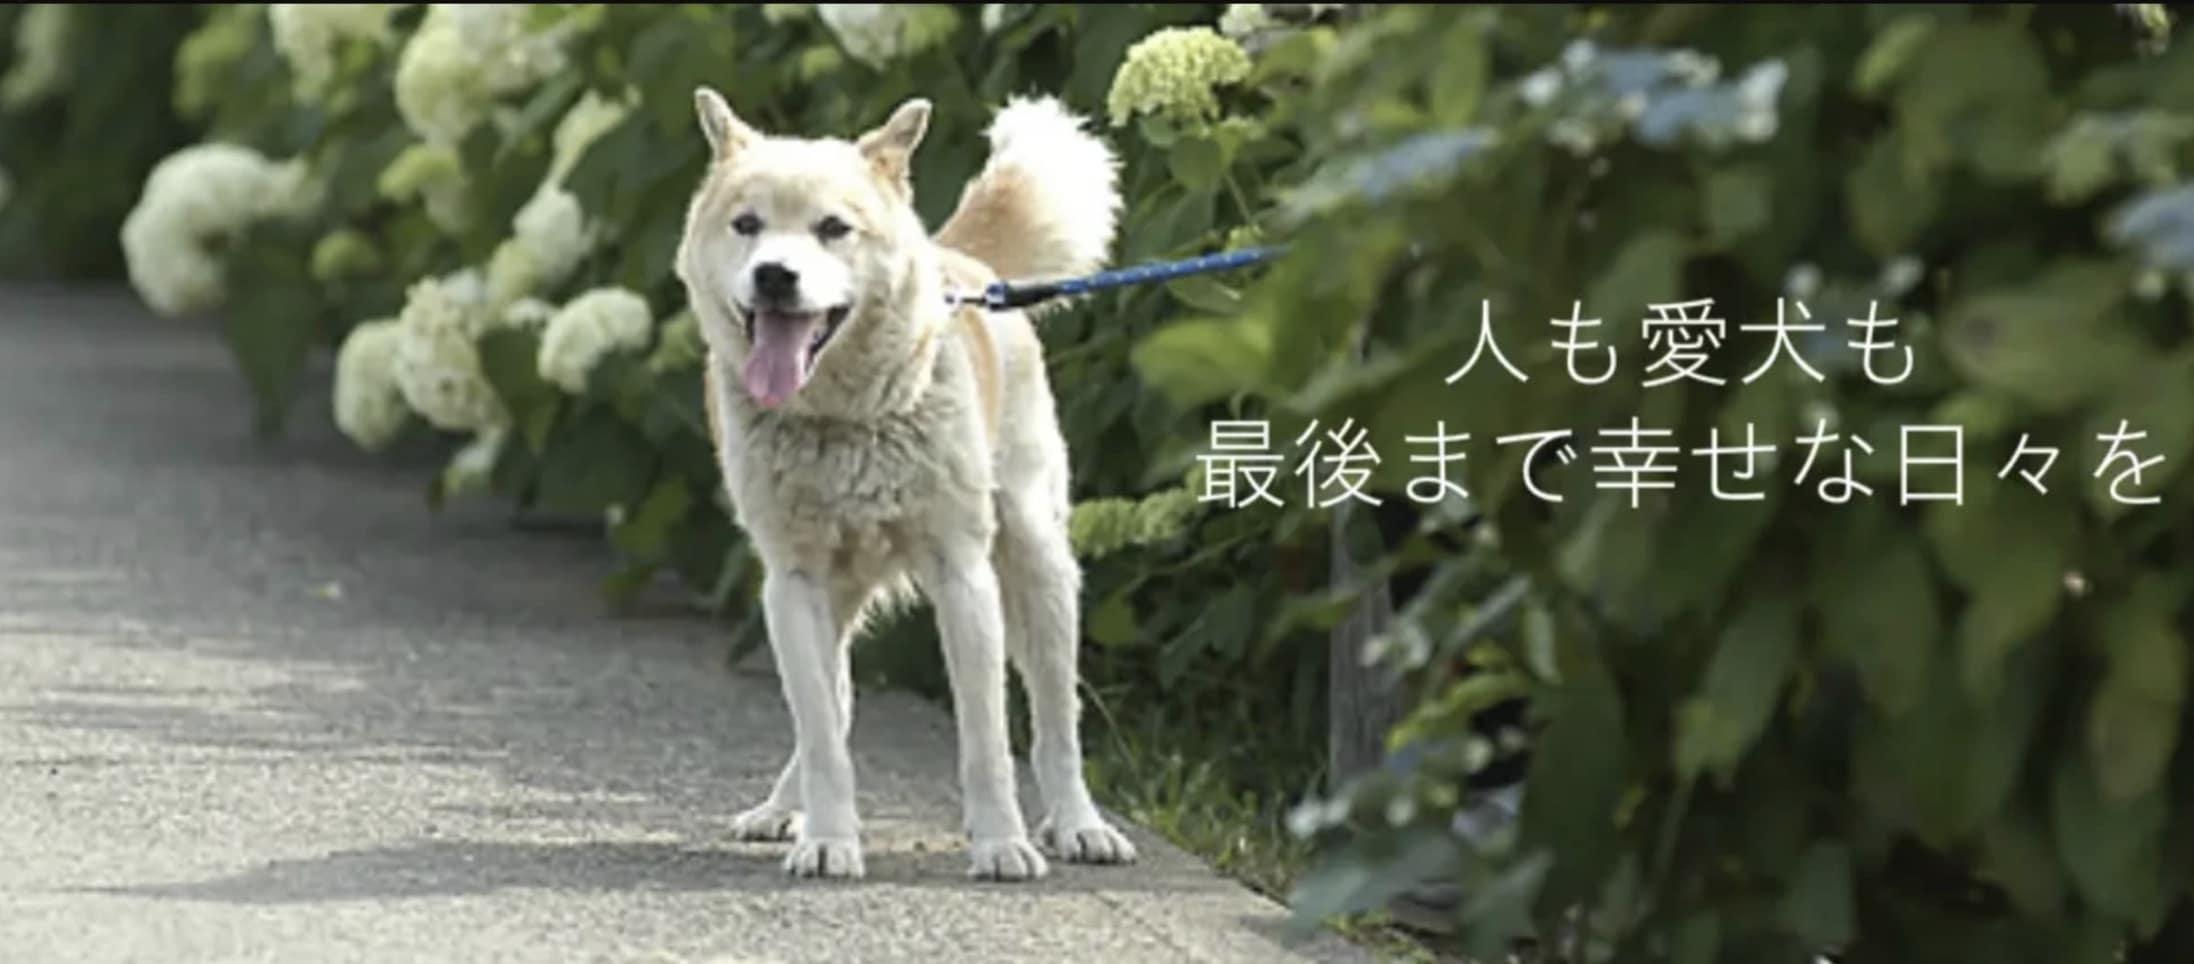 人も愛犬も最後まで幸せな毎日を